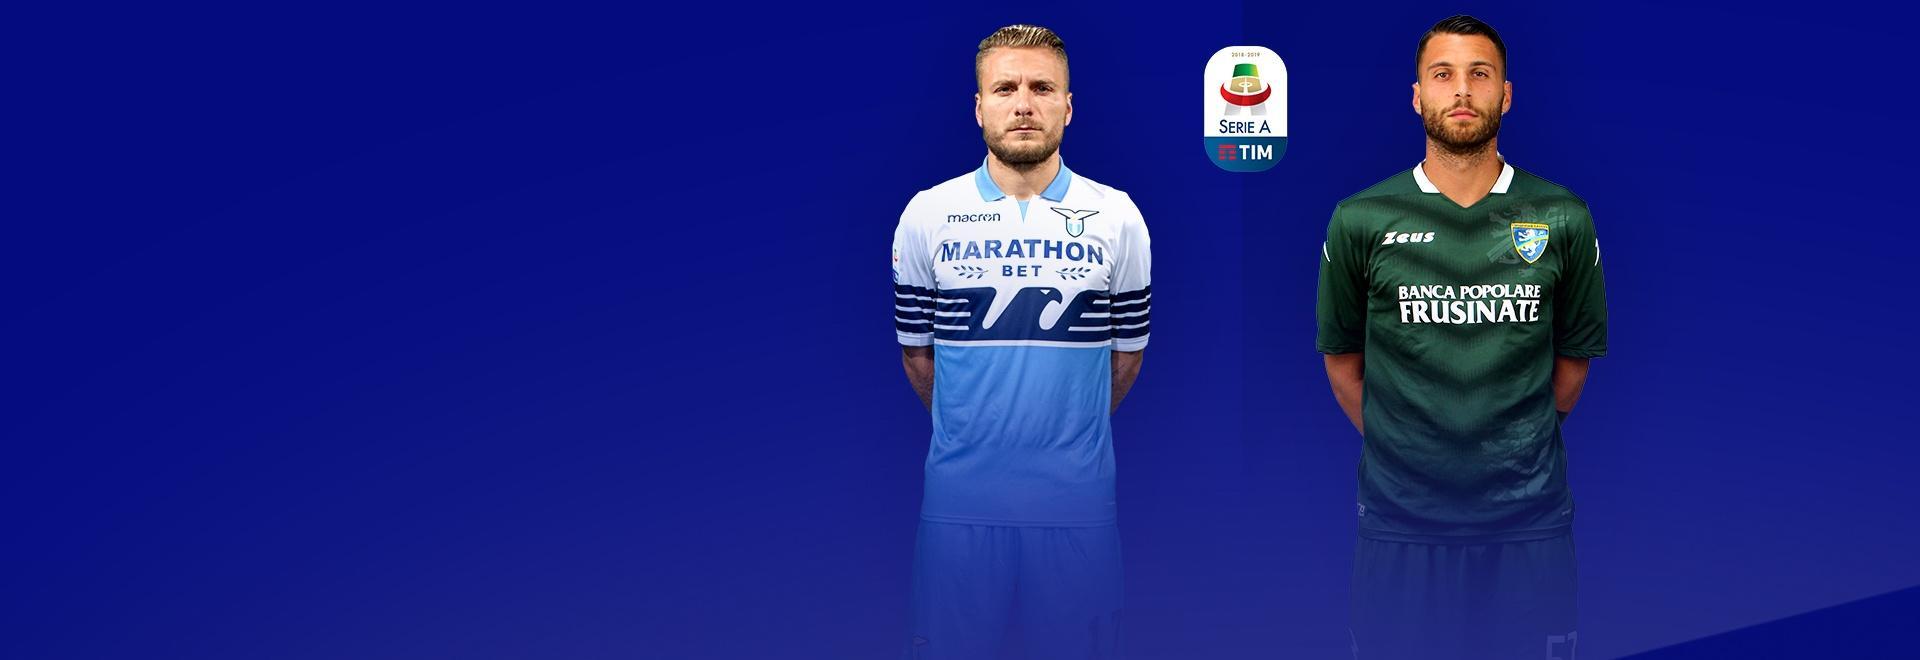 Lazio - Frosinone. 3a g.